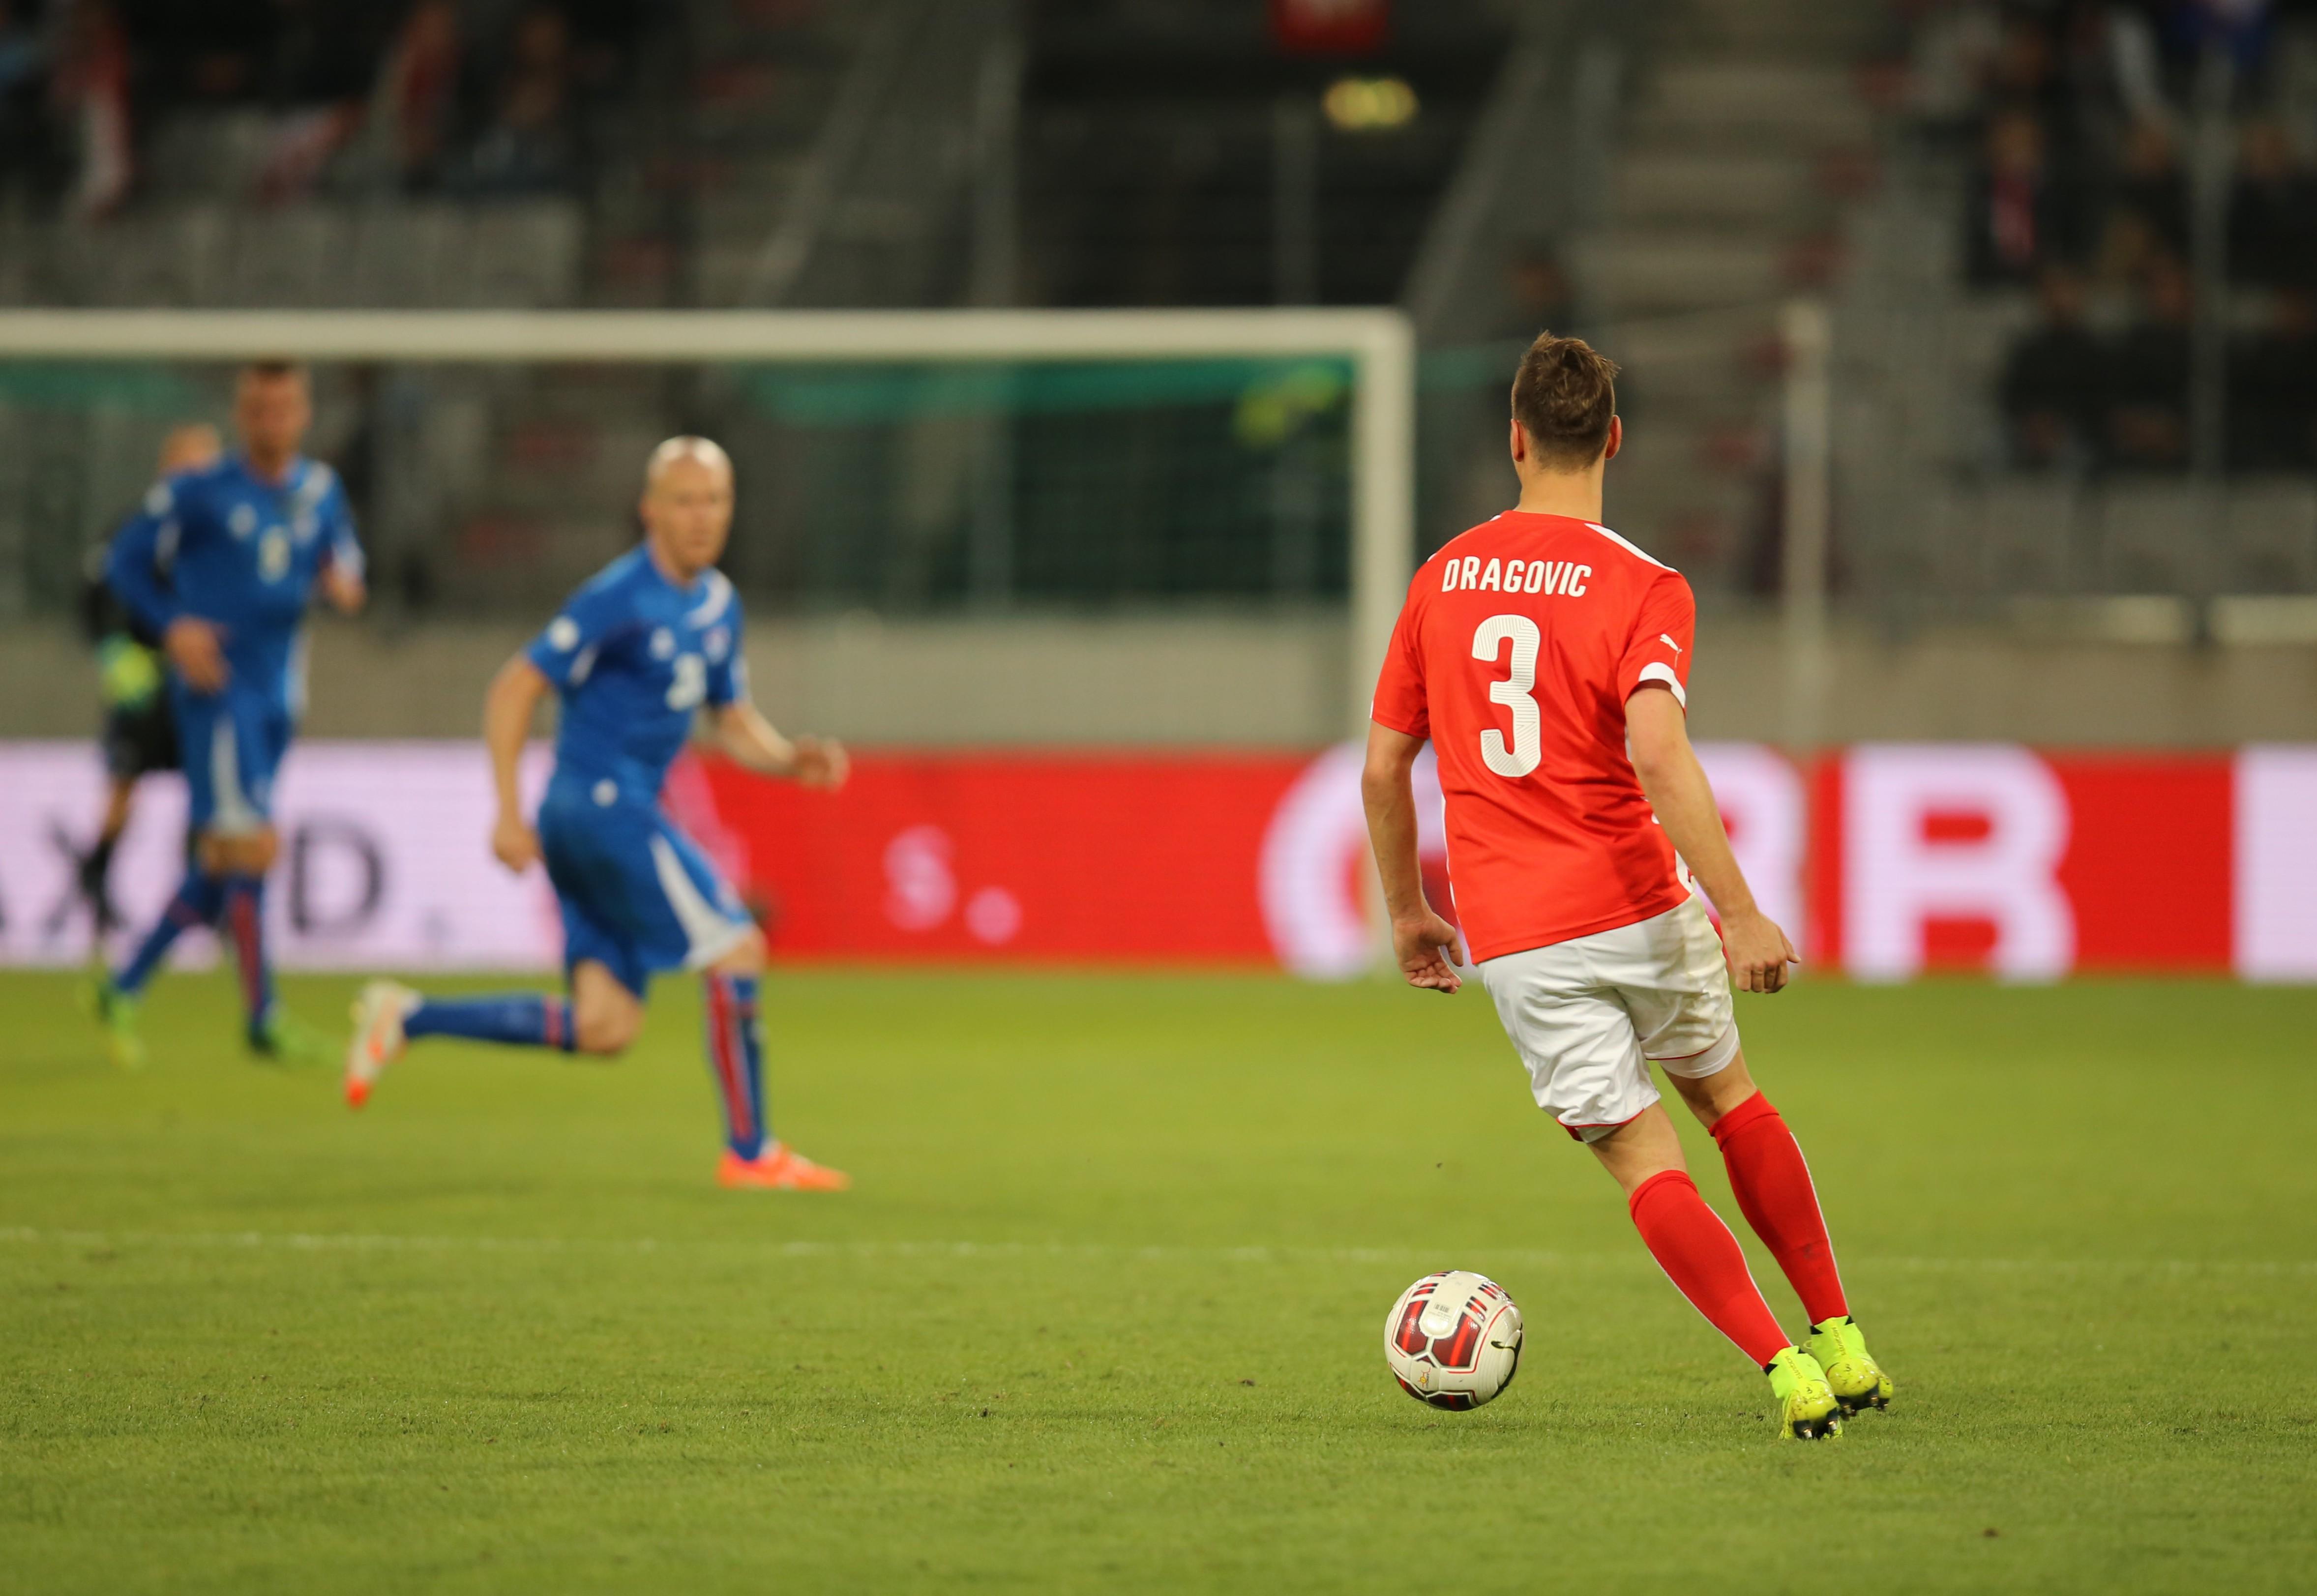 Aleksandar Dragović deverá chegar ao fim da fase de grupos com 50 internacionalização  Fonte: Tobias Klenze